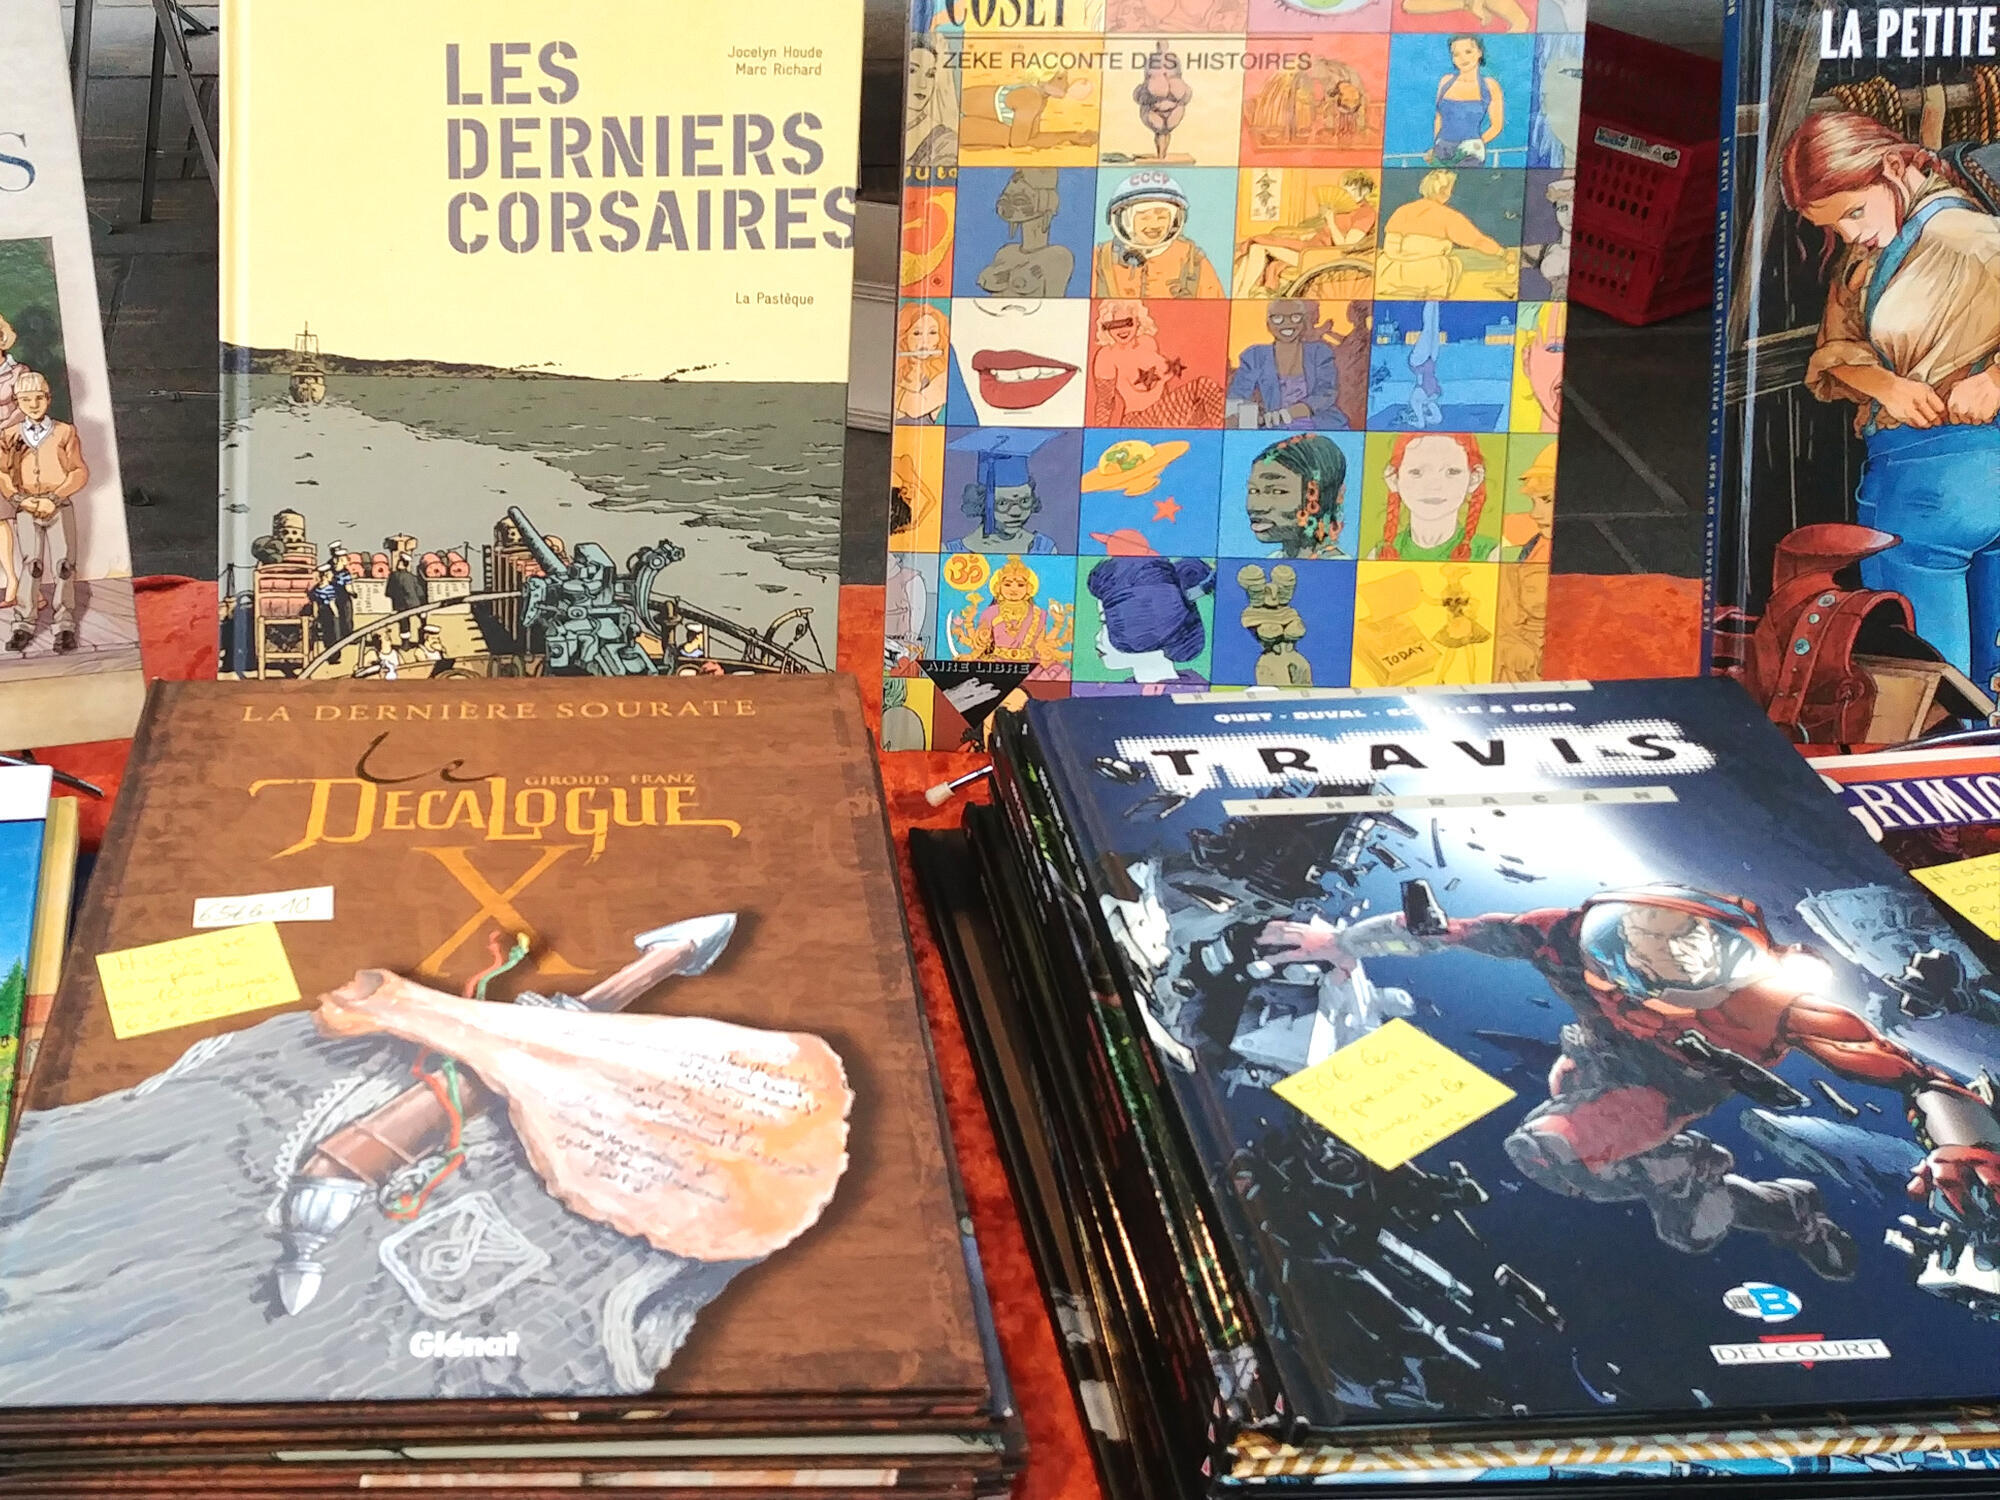 Tại Pháp, 8 triệu rưỡi độc giả chi khoảng 47 euros để mua từ ba hay bốn cuốn truyện mỗi năm